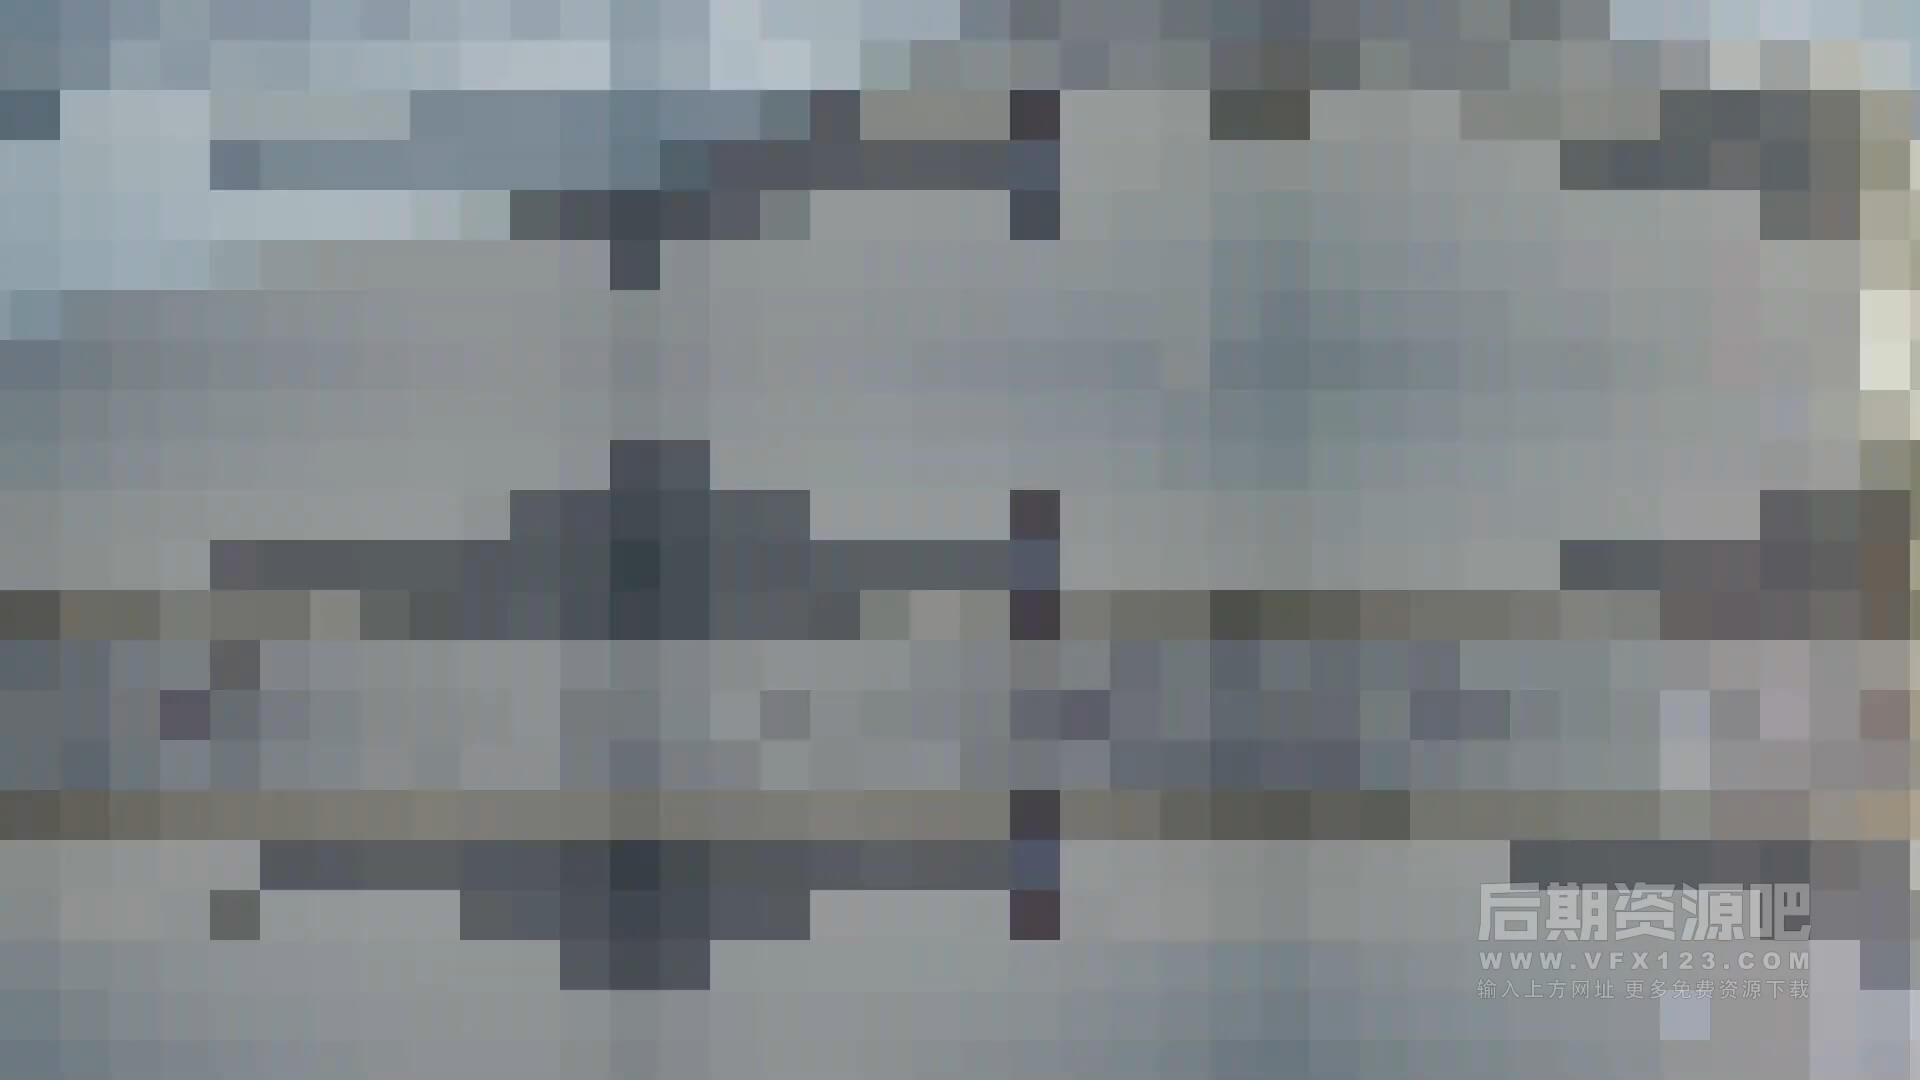 fcpx插件 Vlog影片精典实用转场集合包 缩放旋转焦点半色调像素风格等